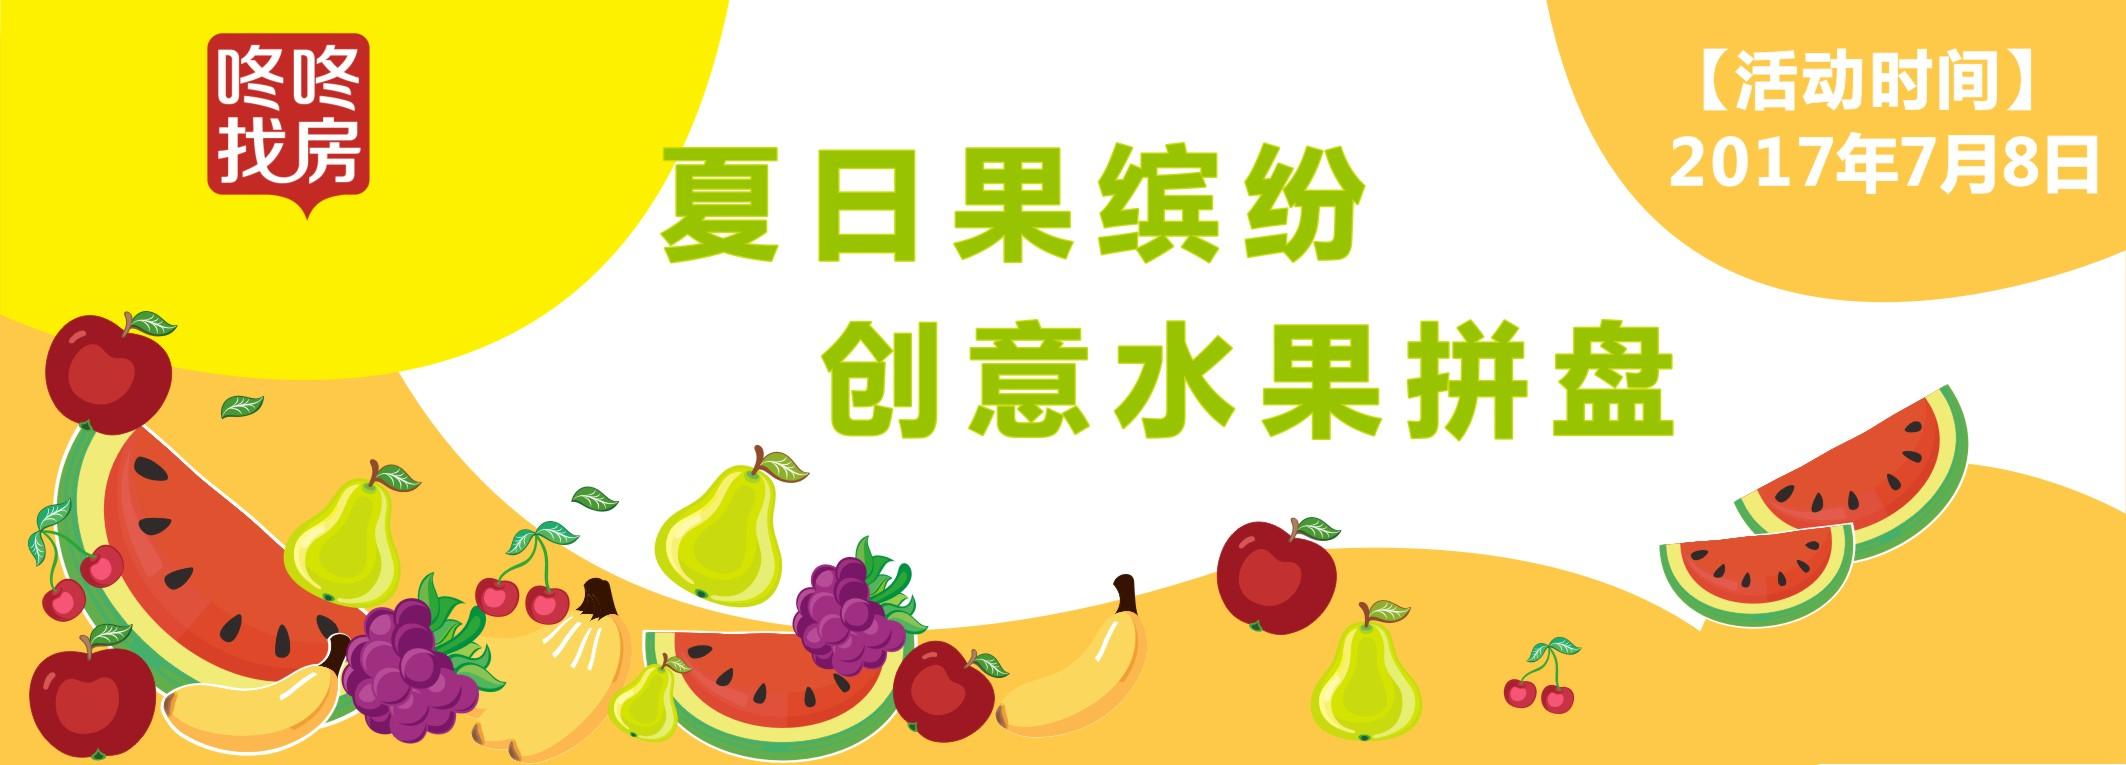 【夏日美食】夏日果缤纷--创意水果拼盘